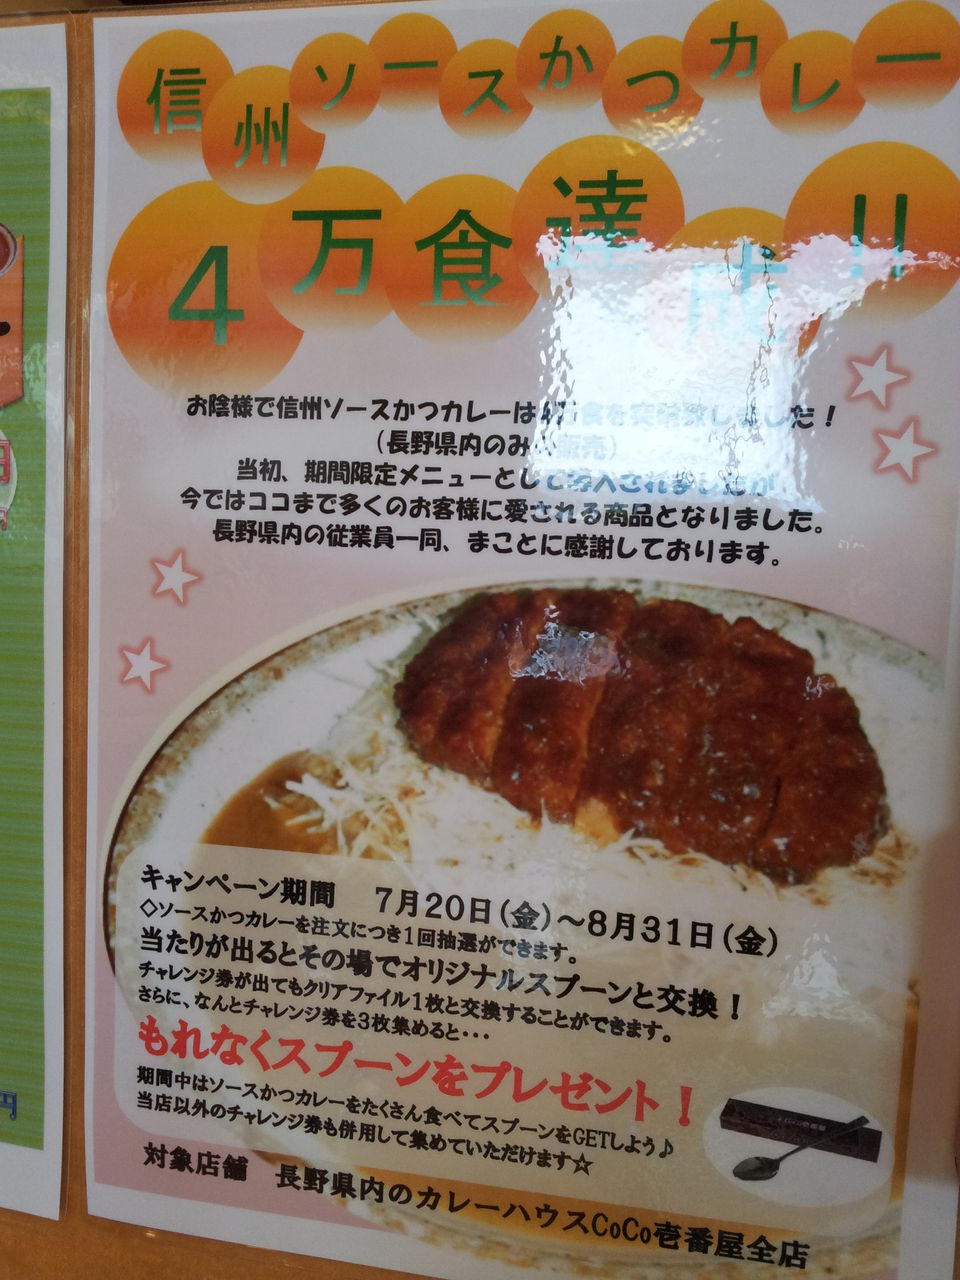 ココ壱の信州ソースカツカレーを食べました